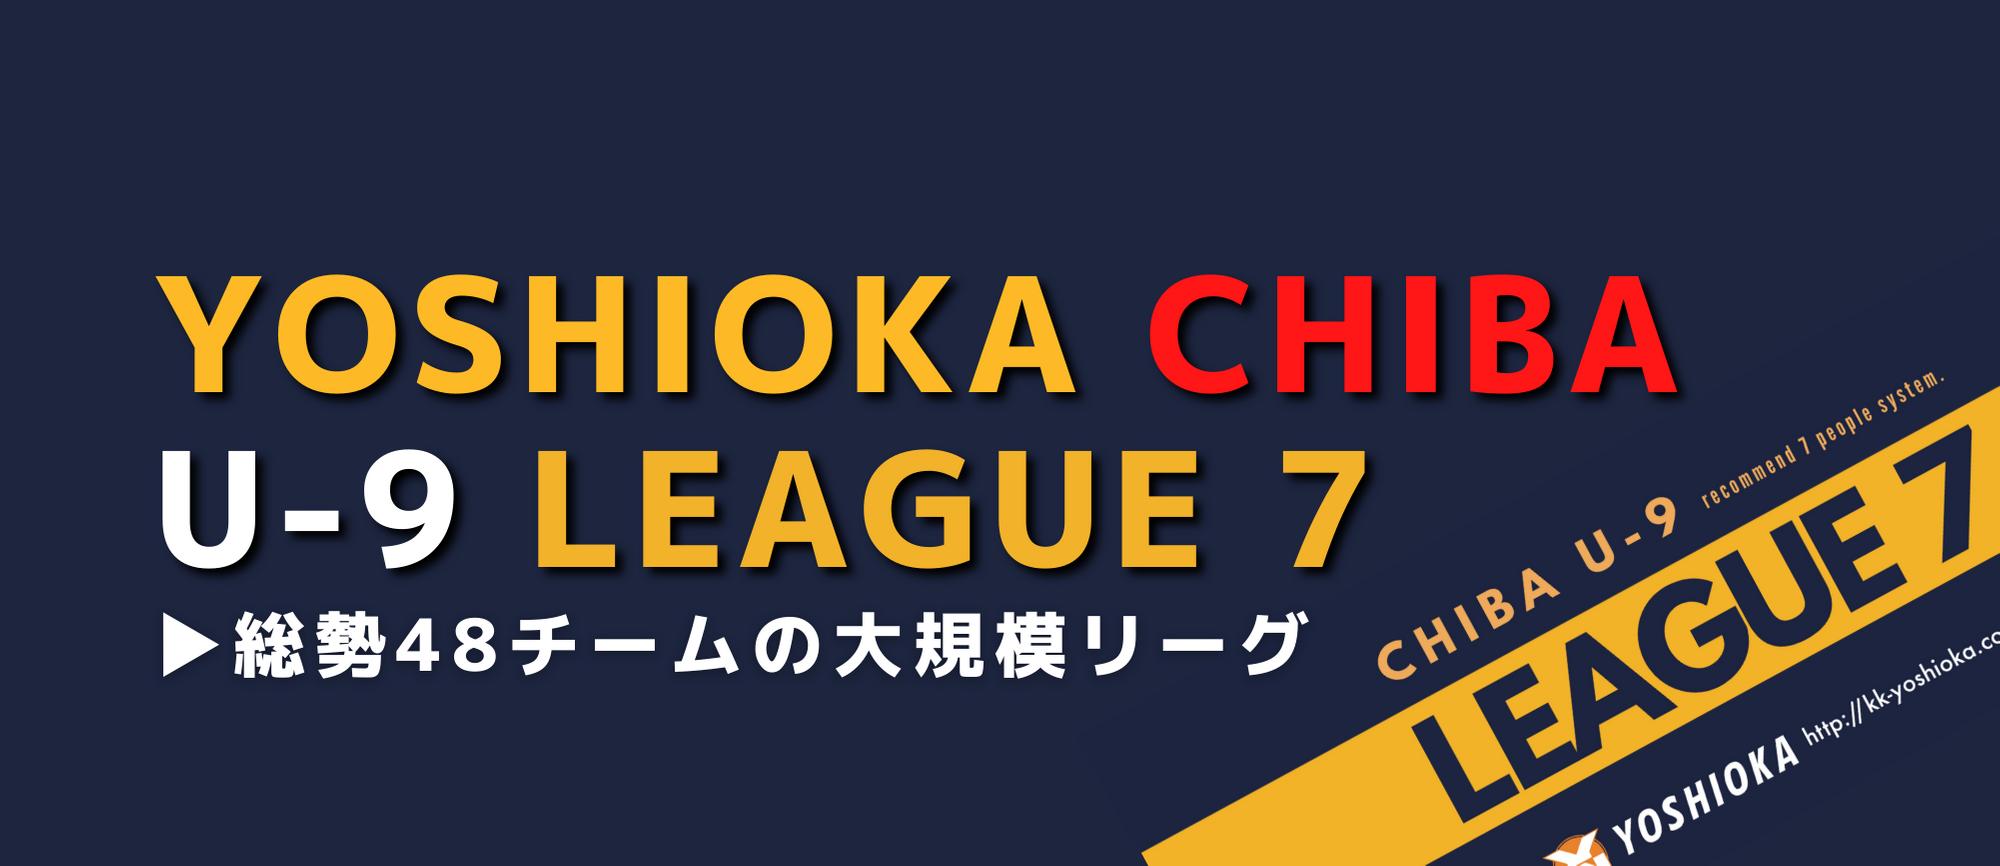 YOSHIOKA CHIBA U-9 LEAGUE 7